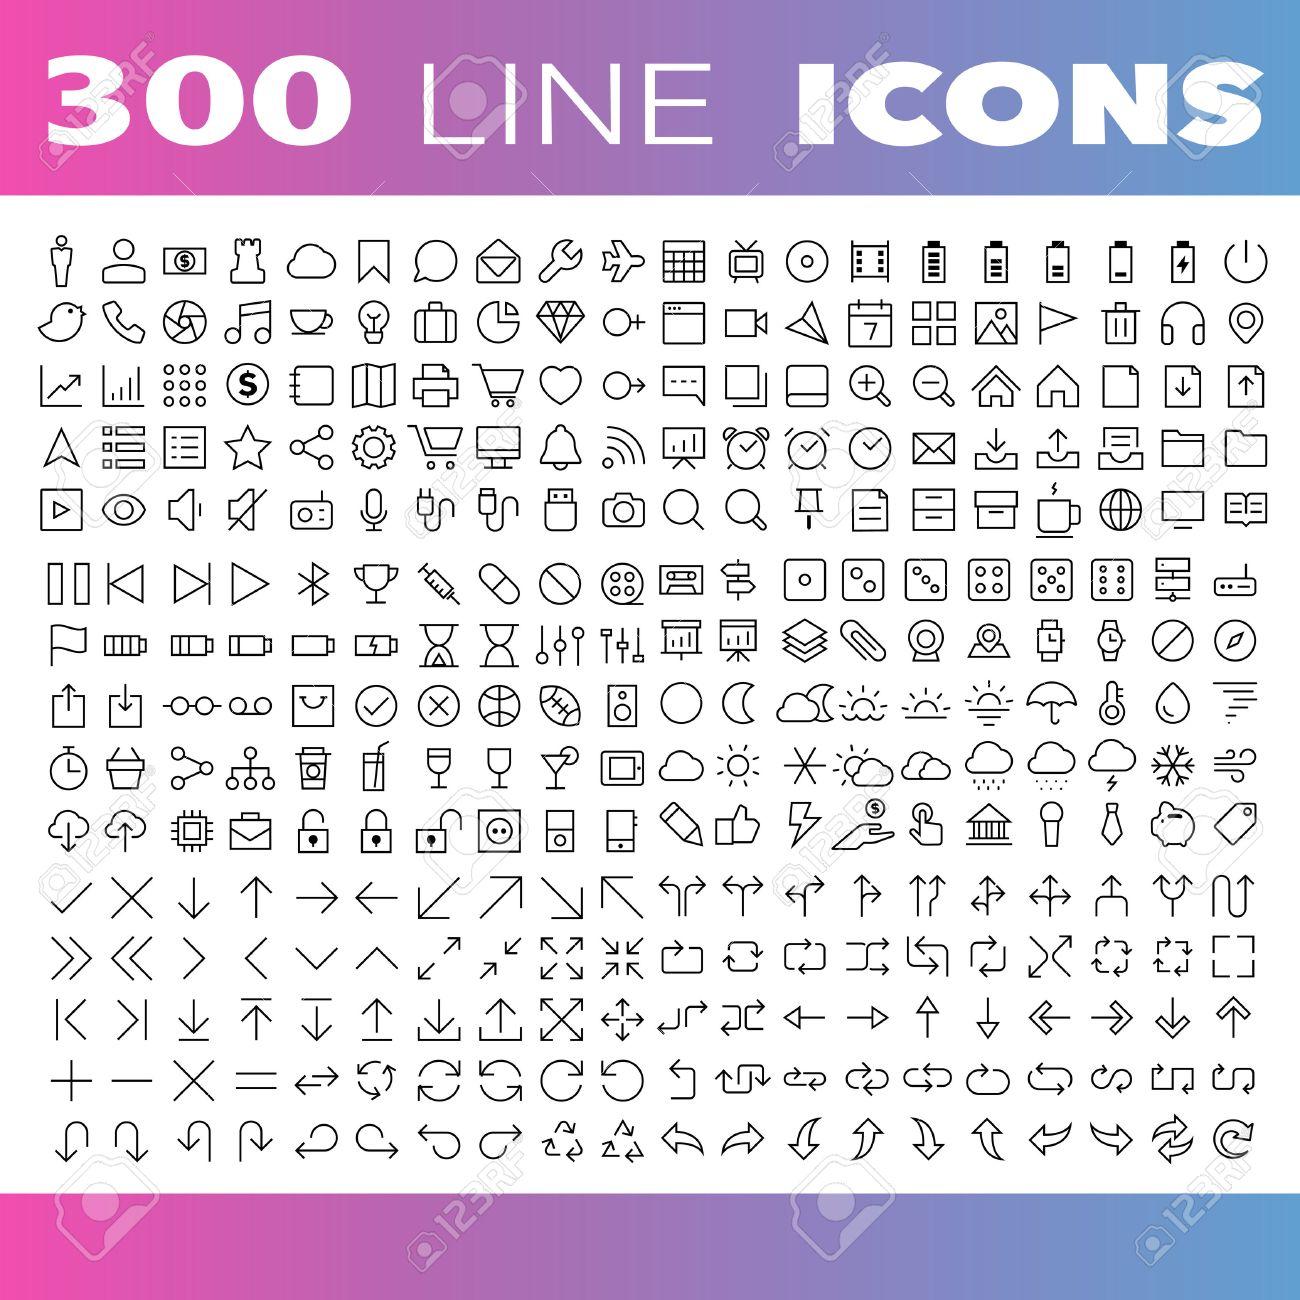 Thin Line Icons set.Illustration eps10 - 36630858